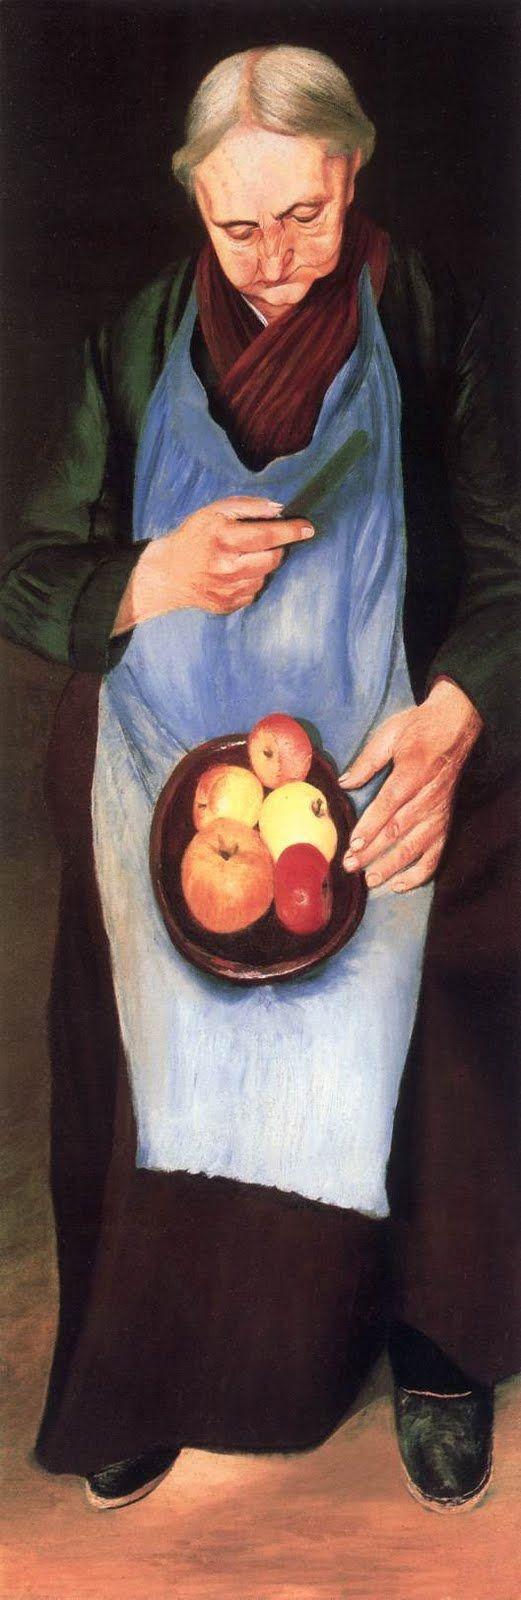 Tivadar Csontváry Kosztka (1853-1919) - Woman Peeling Apple, 1894